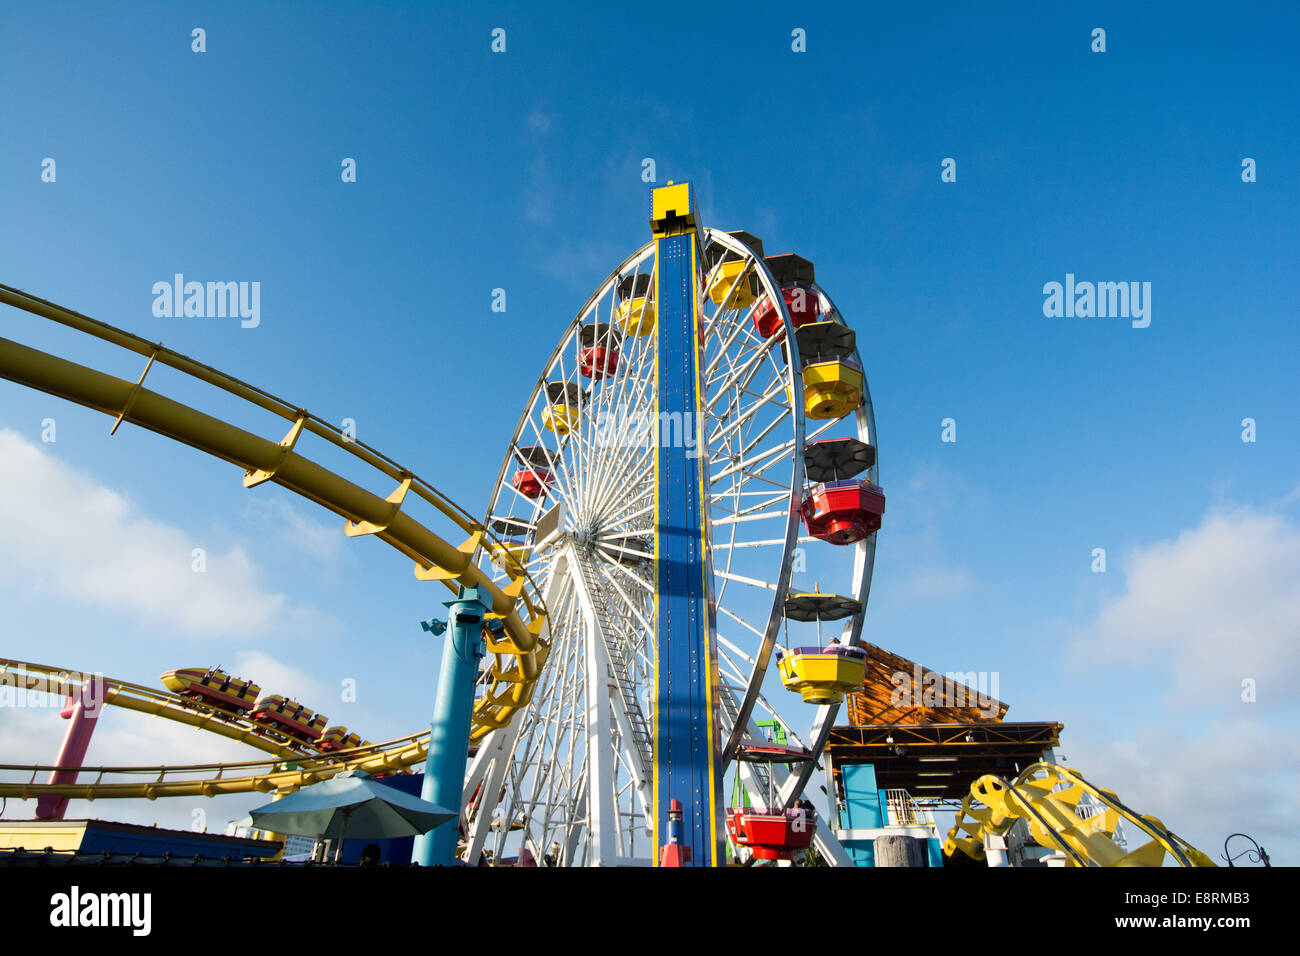 La montaña rusa y la noria en Pacific Park Amusement Park en Santa Monica Pier, Los Ángeles, California, Estados Foto de stock